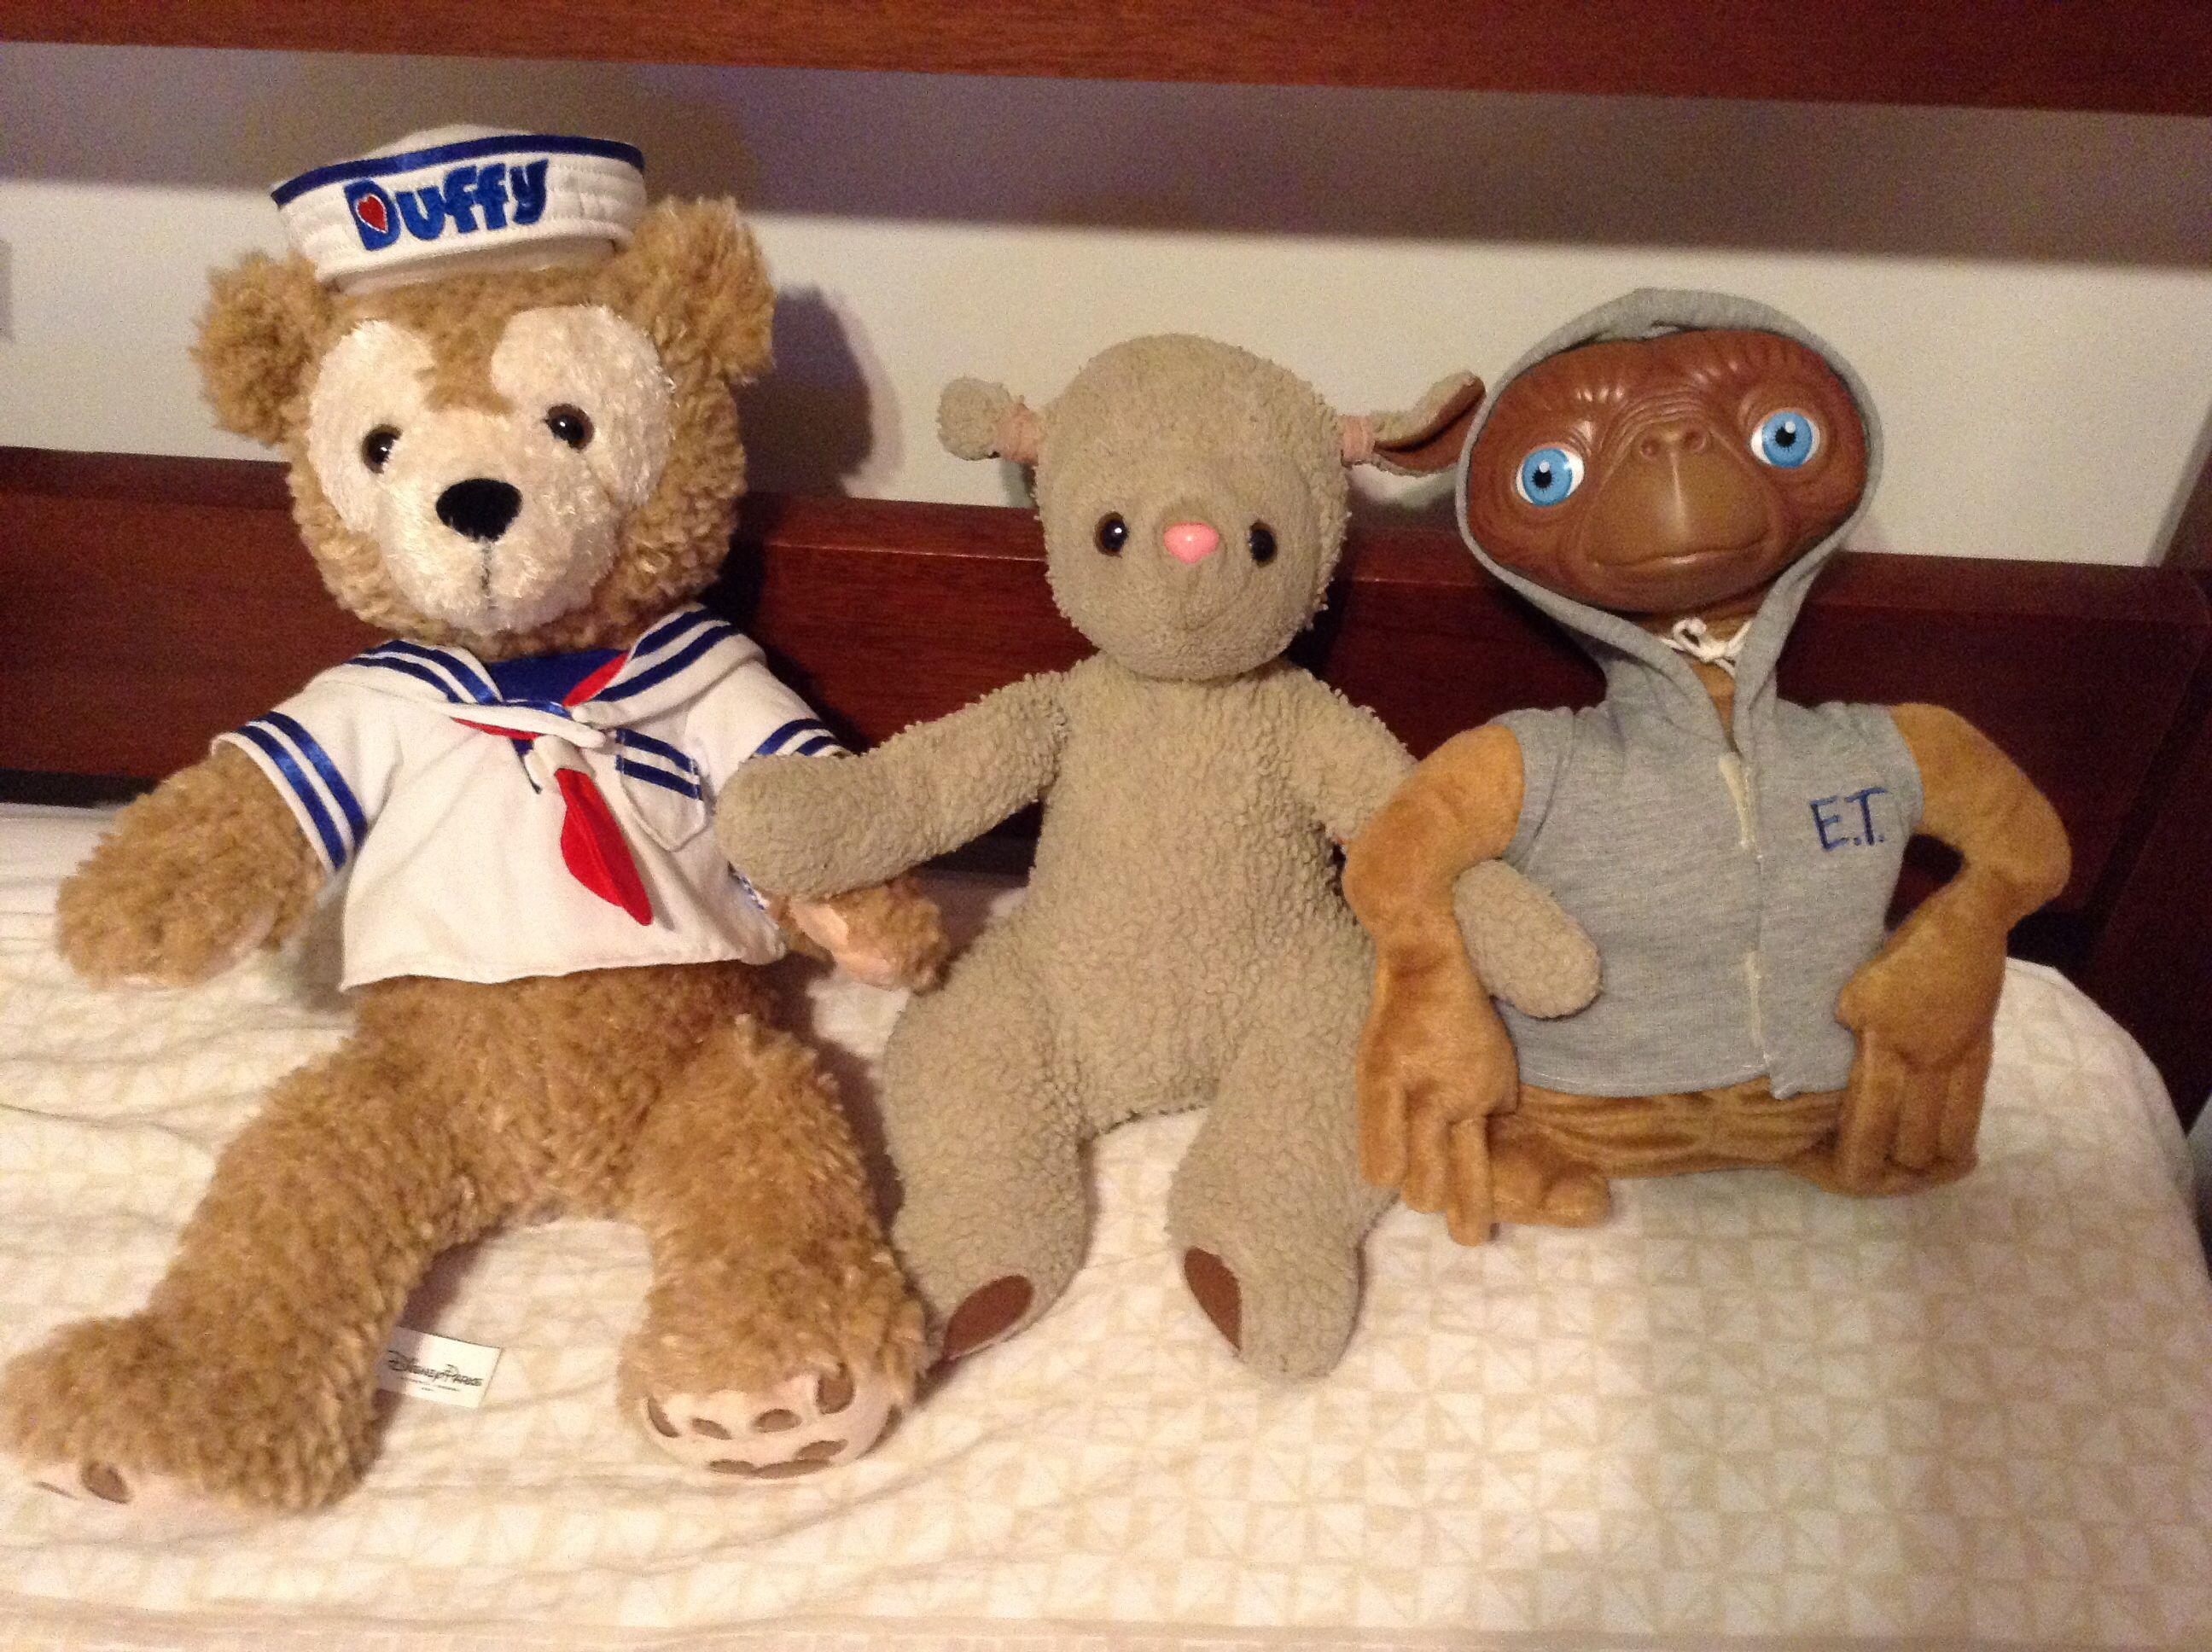 Duffy, Luca e ET